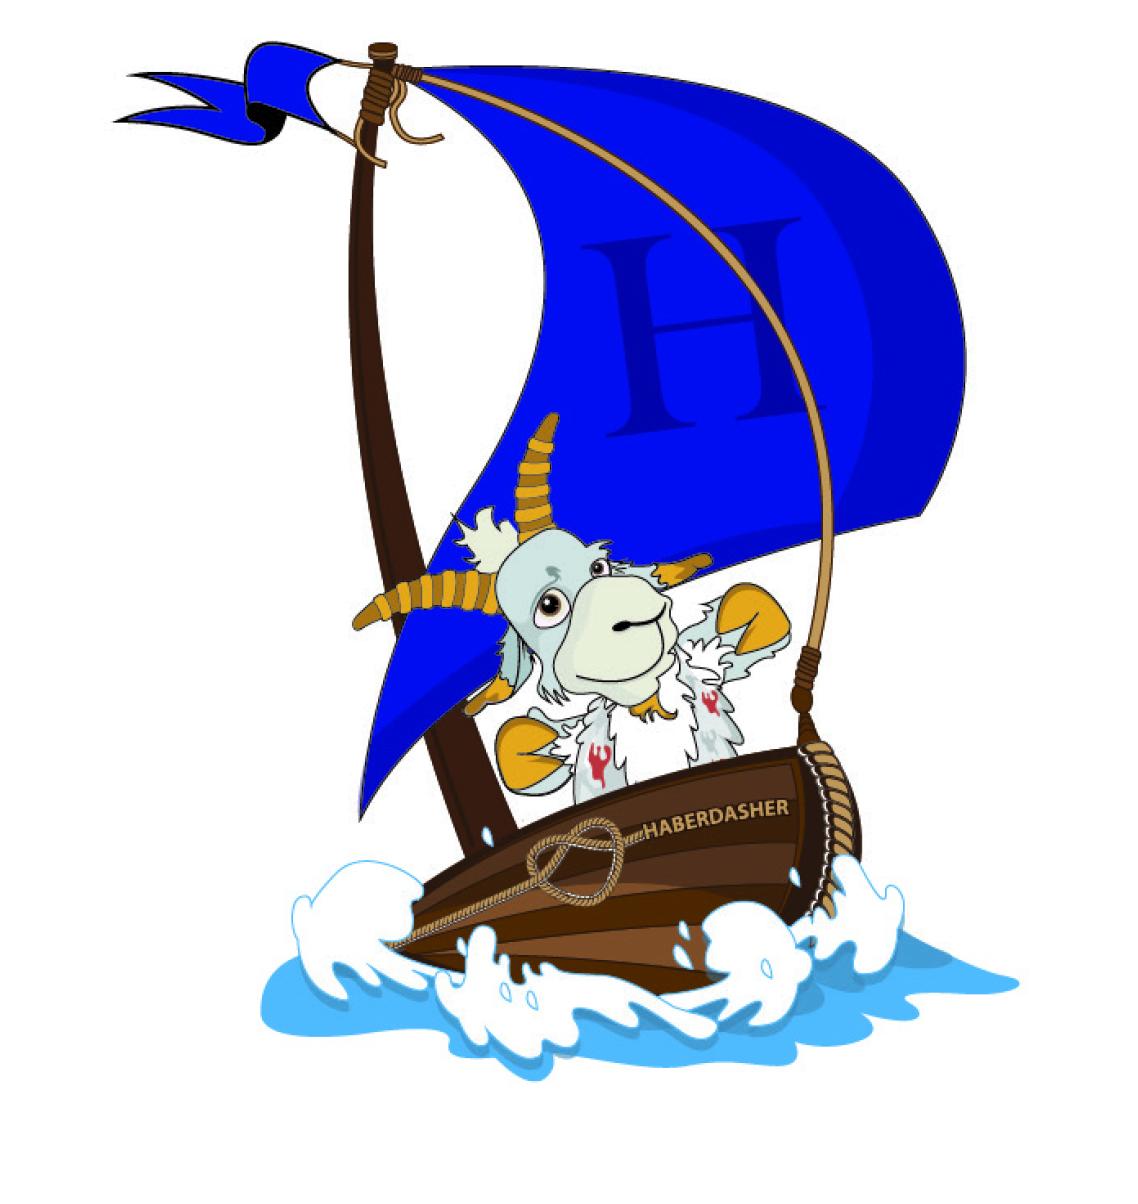 Haberdashers sailing